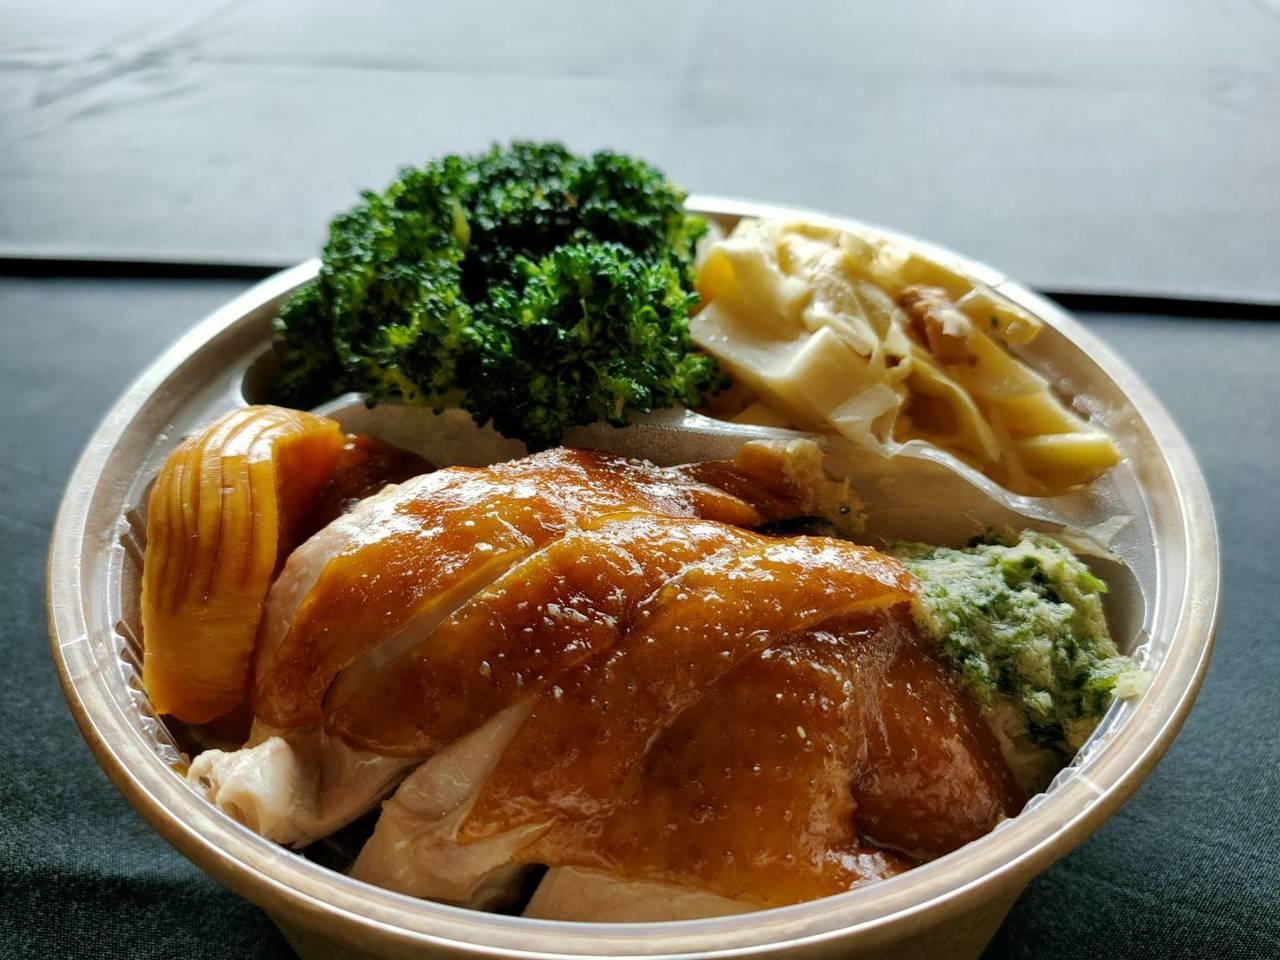 台中市頂級粵菜餐廳「与玥樓」推出玫瑰油雞飯便當。記者黃寅/攝影